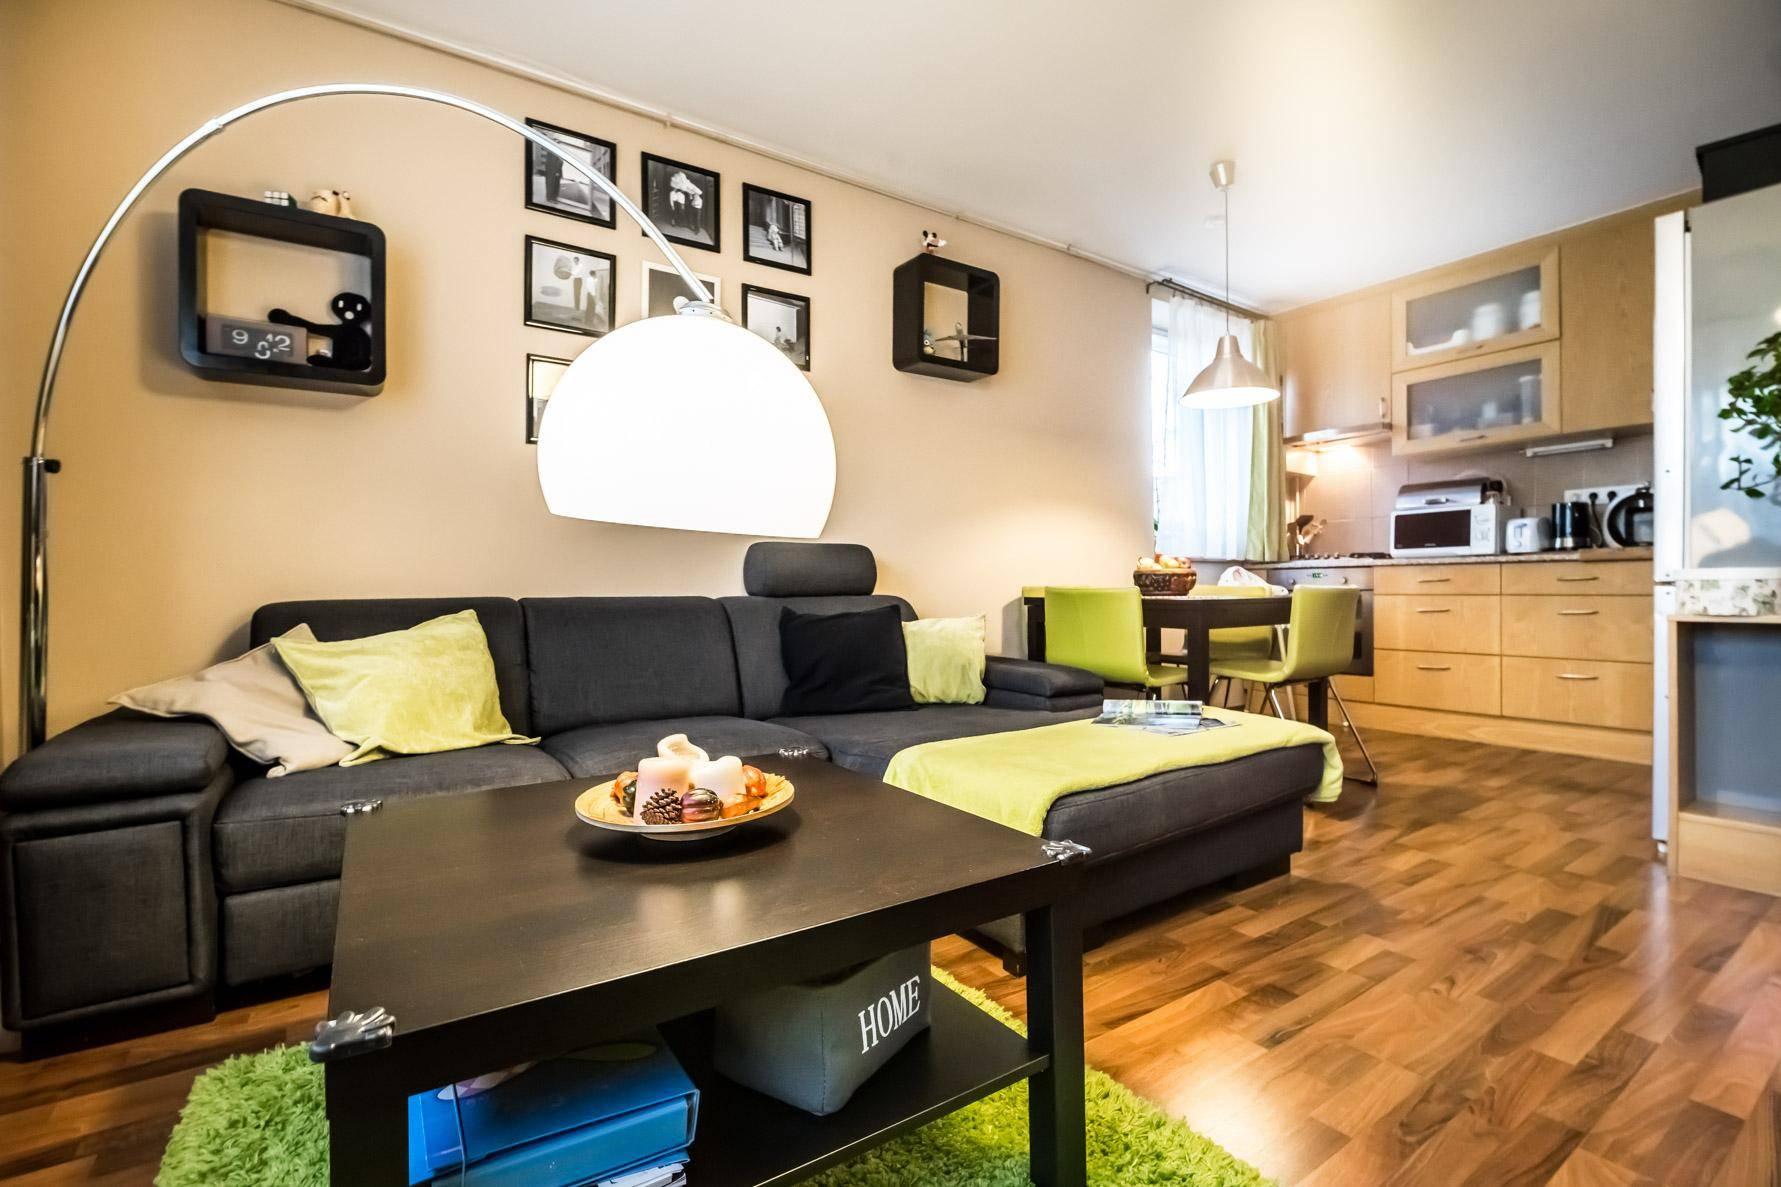 Káprázatos lakások kompromisszumok nélkül